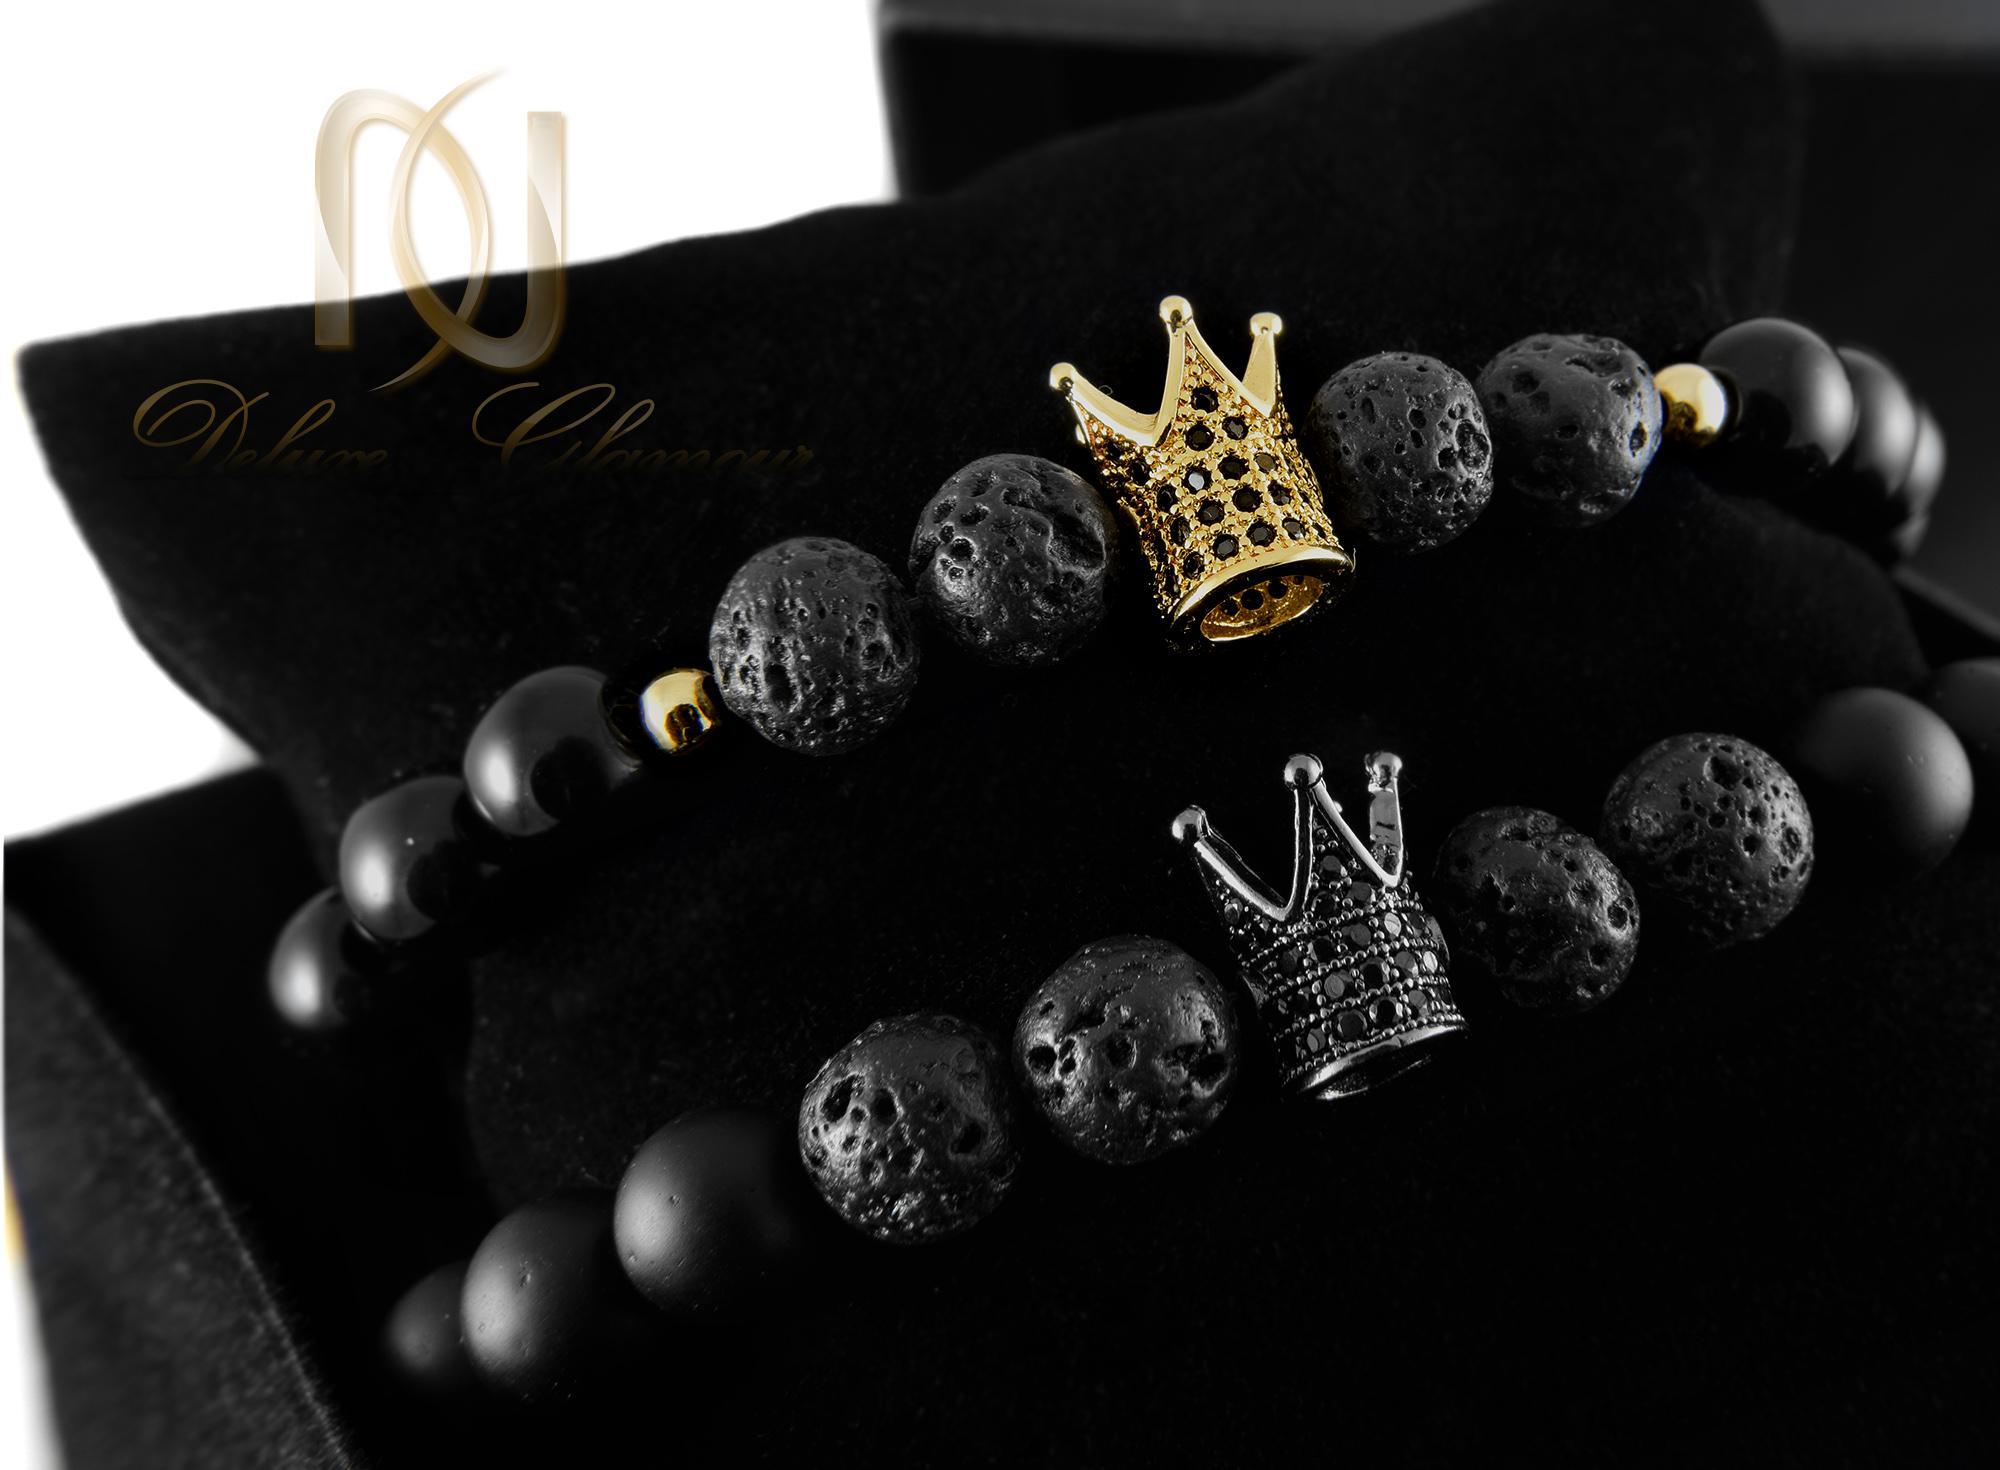 دستبند ست طرح تاج با سنگ اونیکس و لاوا Ds-n339 - داخل جعبه